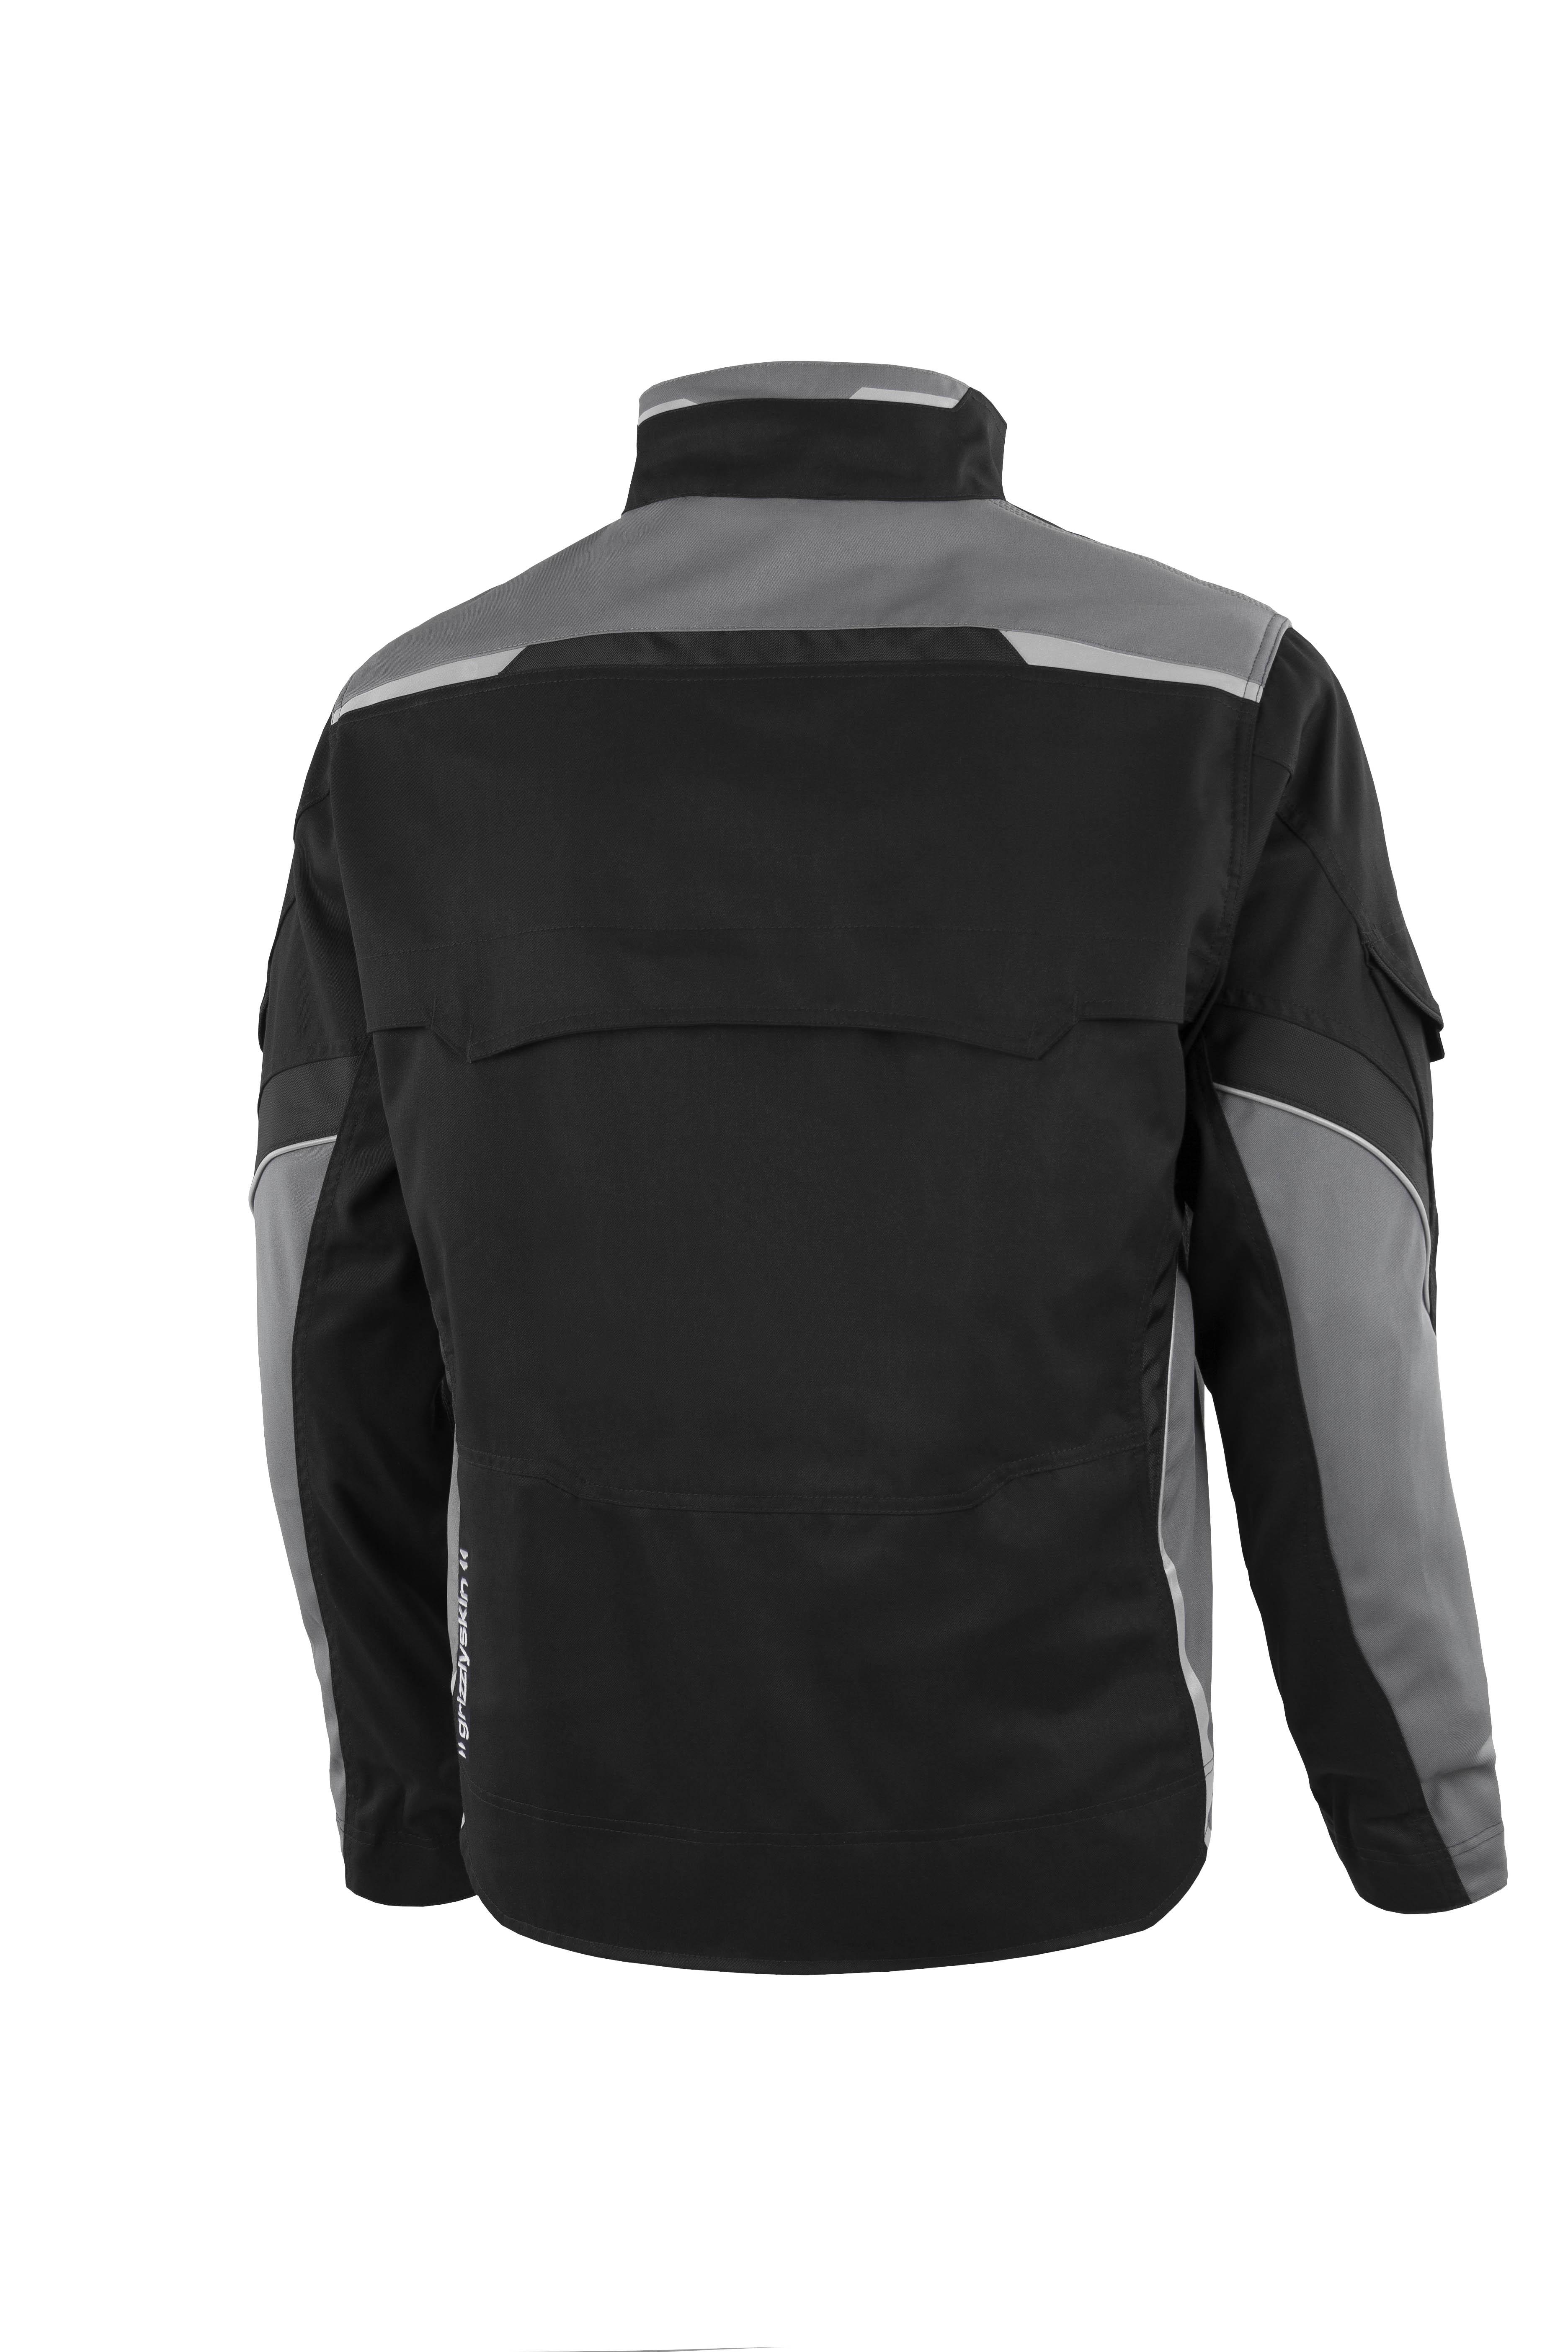 Grizzlyskin Workwear Herren Bundjacke Iron erhältlich in verschiedenen Farben; Größen: S - 6XL